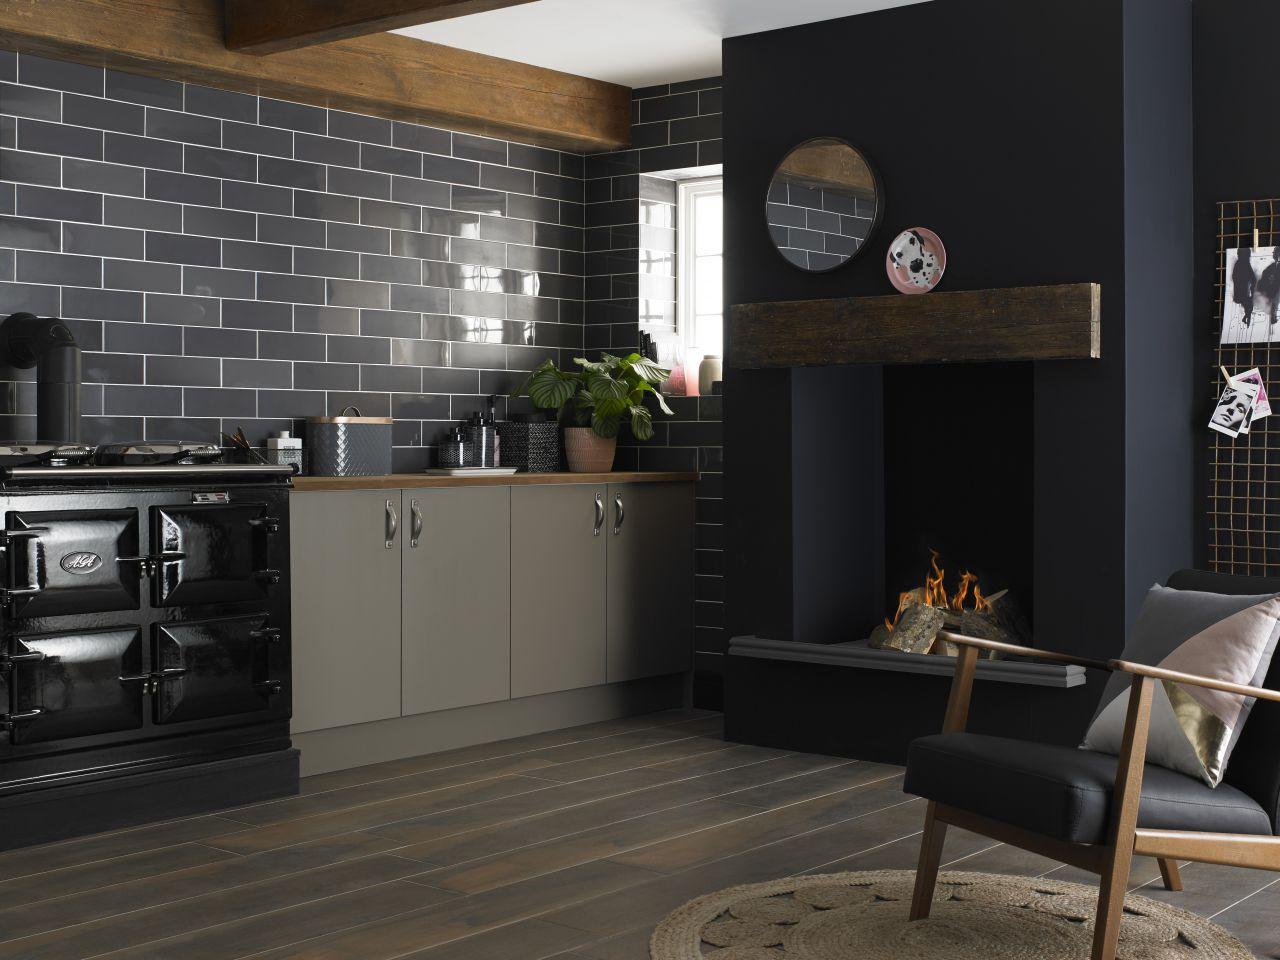 Mutfak için dekoratif etki yaratan fayanslar